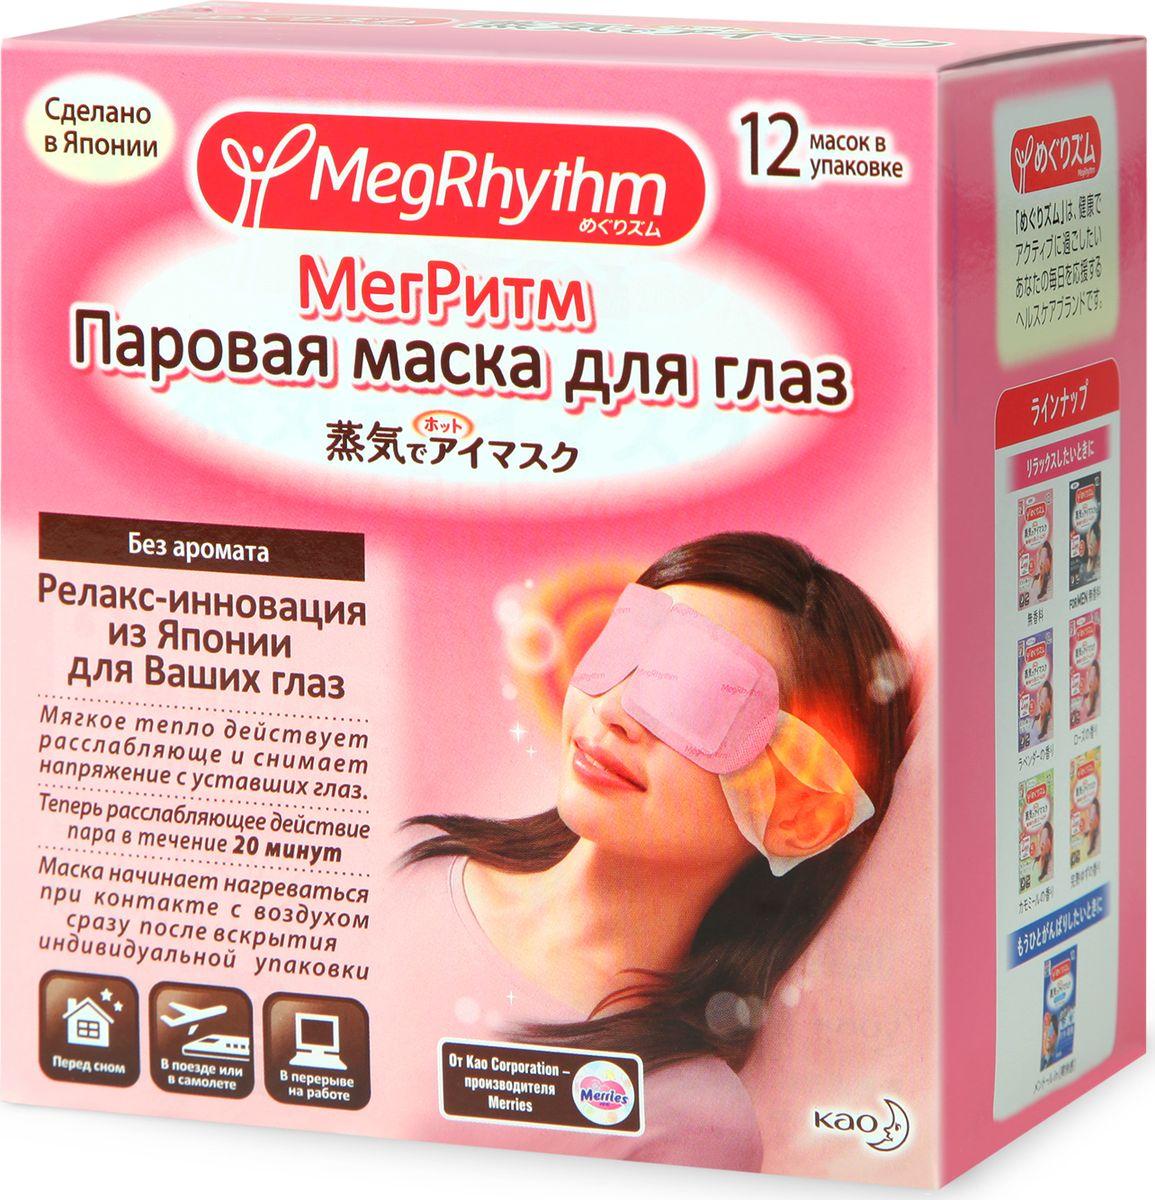 Паровая маска для глаз MegRhythm Без запаха, 12 шт цена 2017